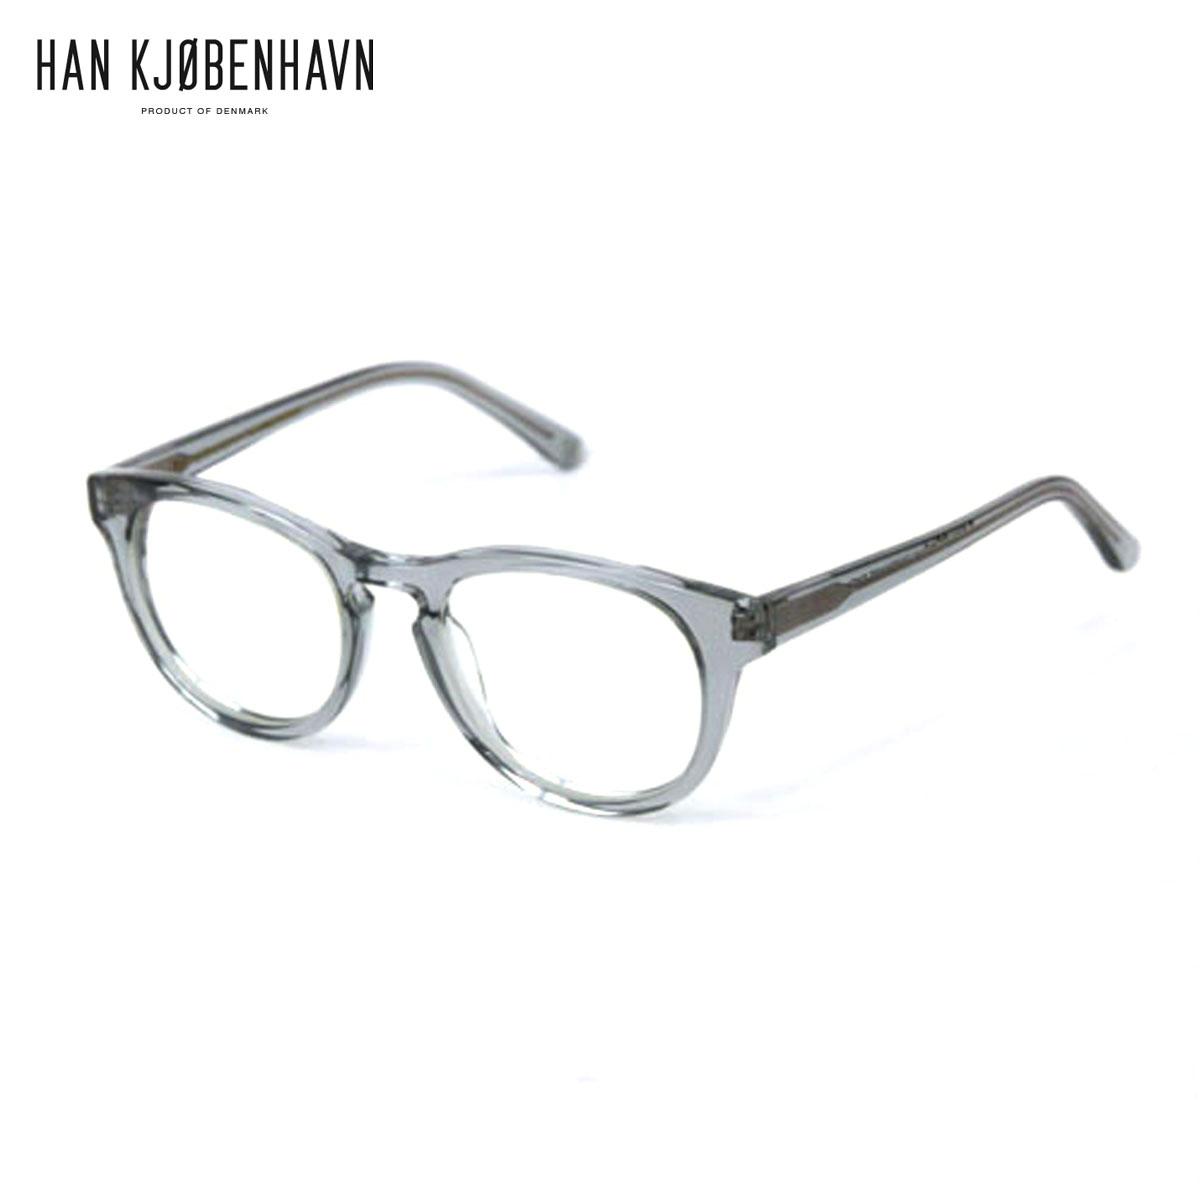 ハン HAN KJOBENHAVN 正規販売店 サングラス TIMELESS Transparent Grey - CLEAR D15S25